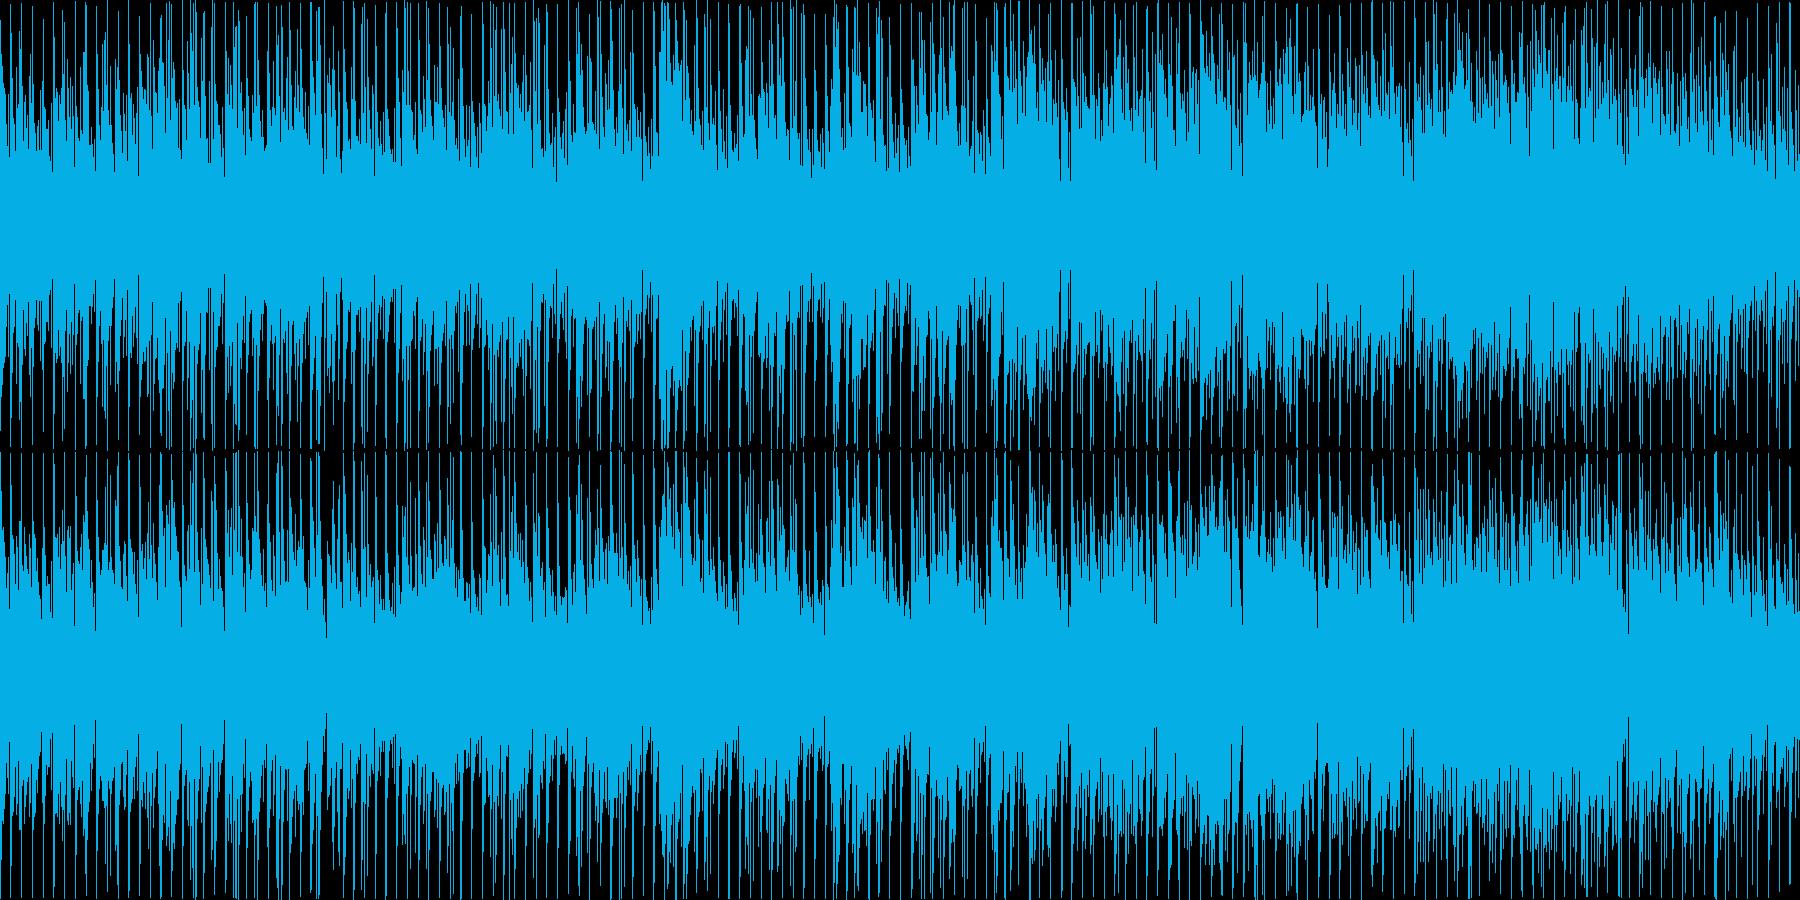 【ループ】爽やかで元気なギターインストの再生済みの波形